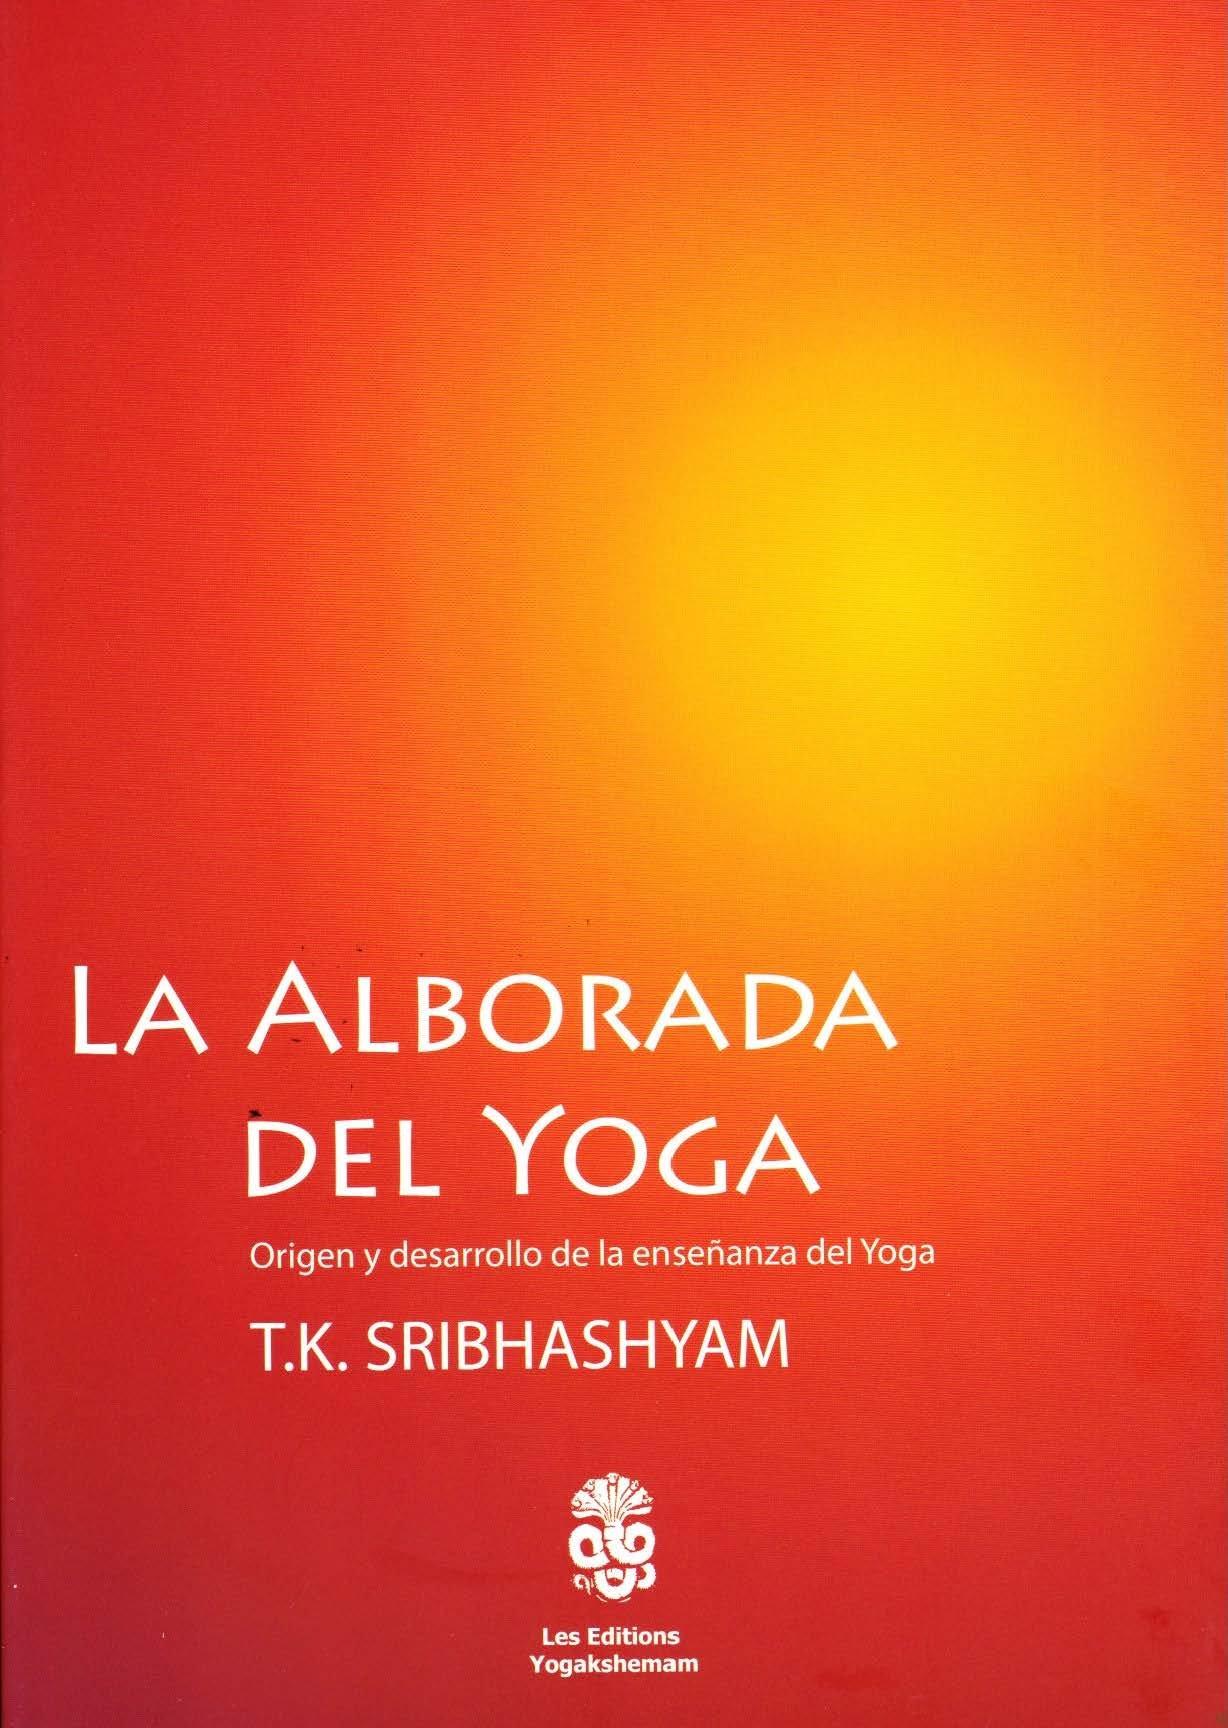 La Alborada Del Yoga Origen Y Desarrollo de la Enseñanza Del ...